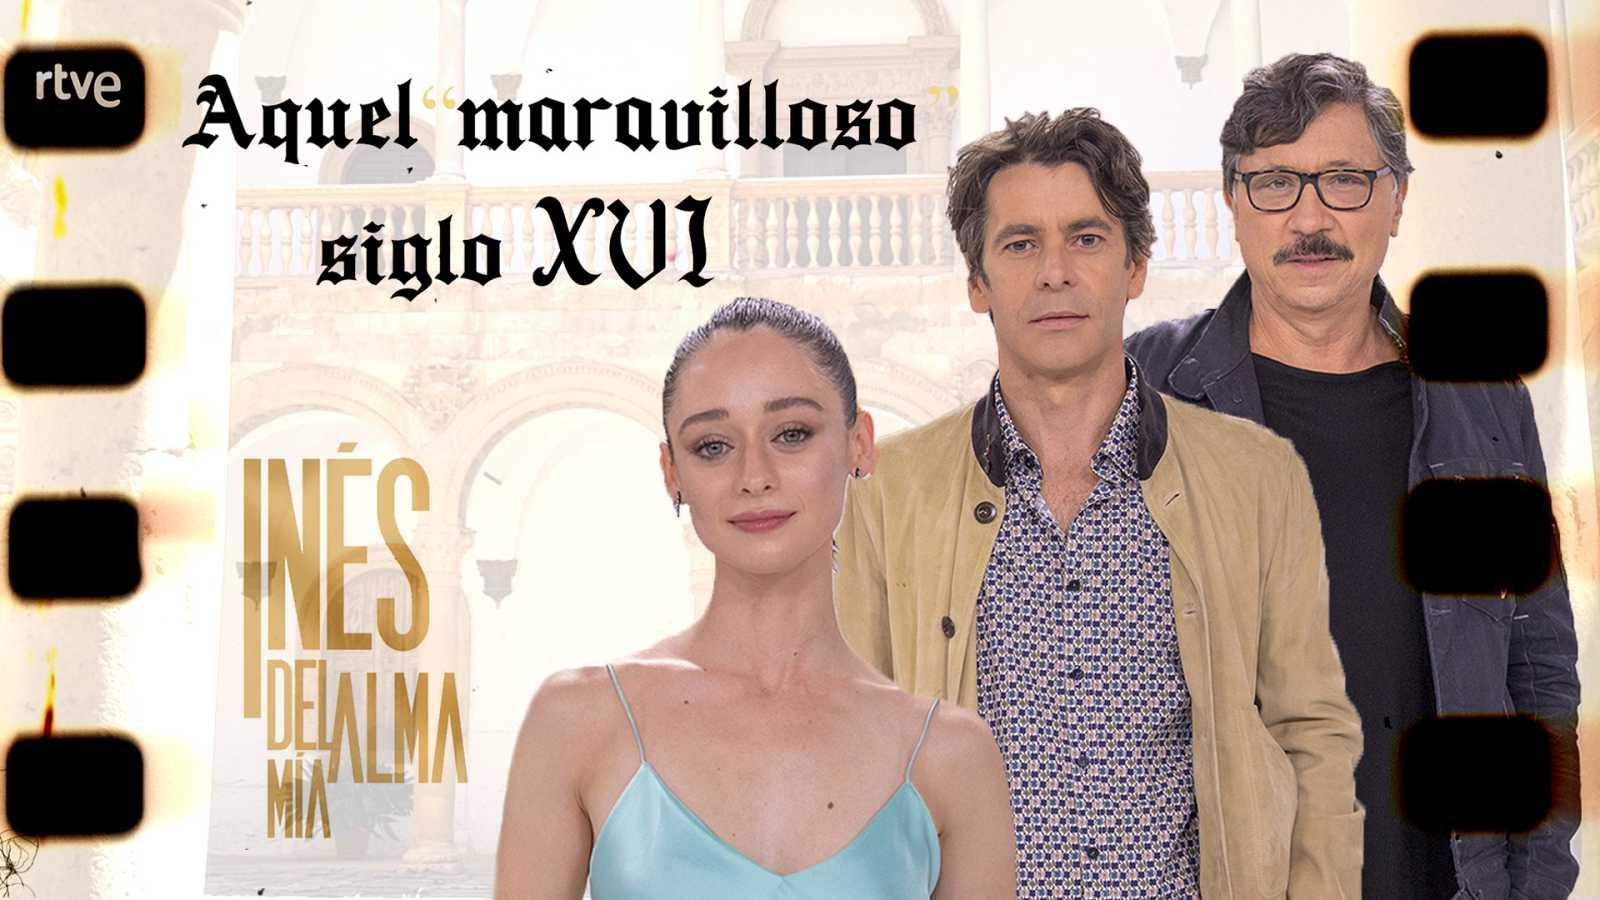 'Aquel maravilloso siglo XVI' con Eduardo Noriega, Elena Rivera y Carlos Bardem